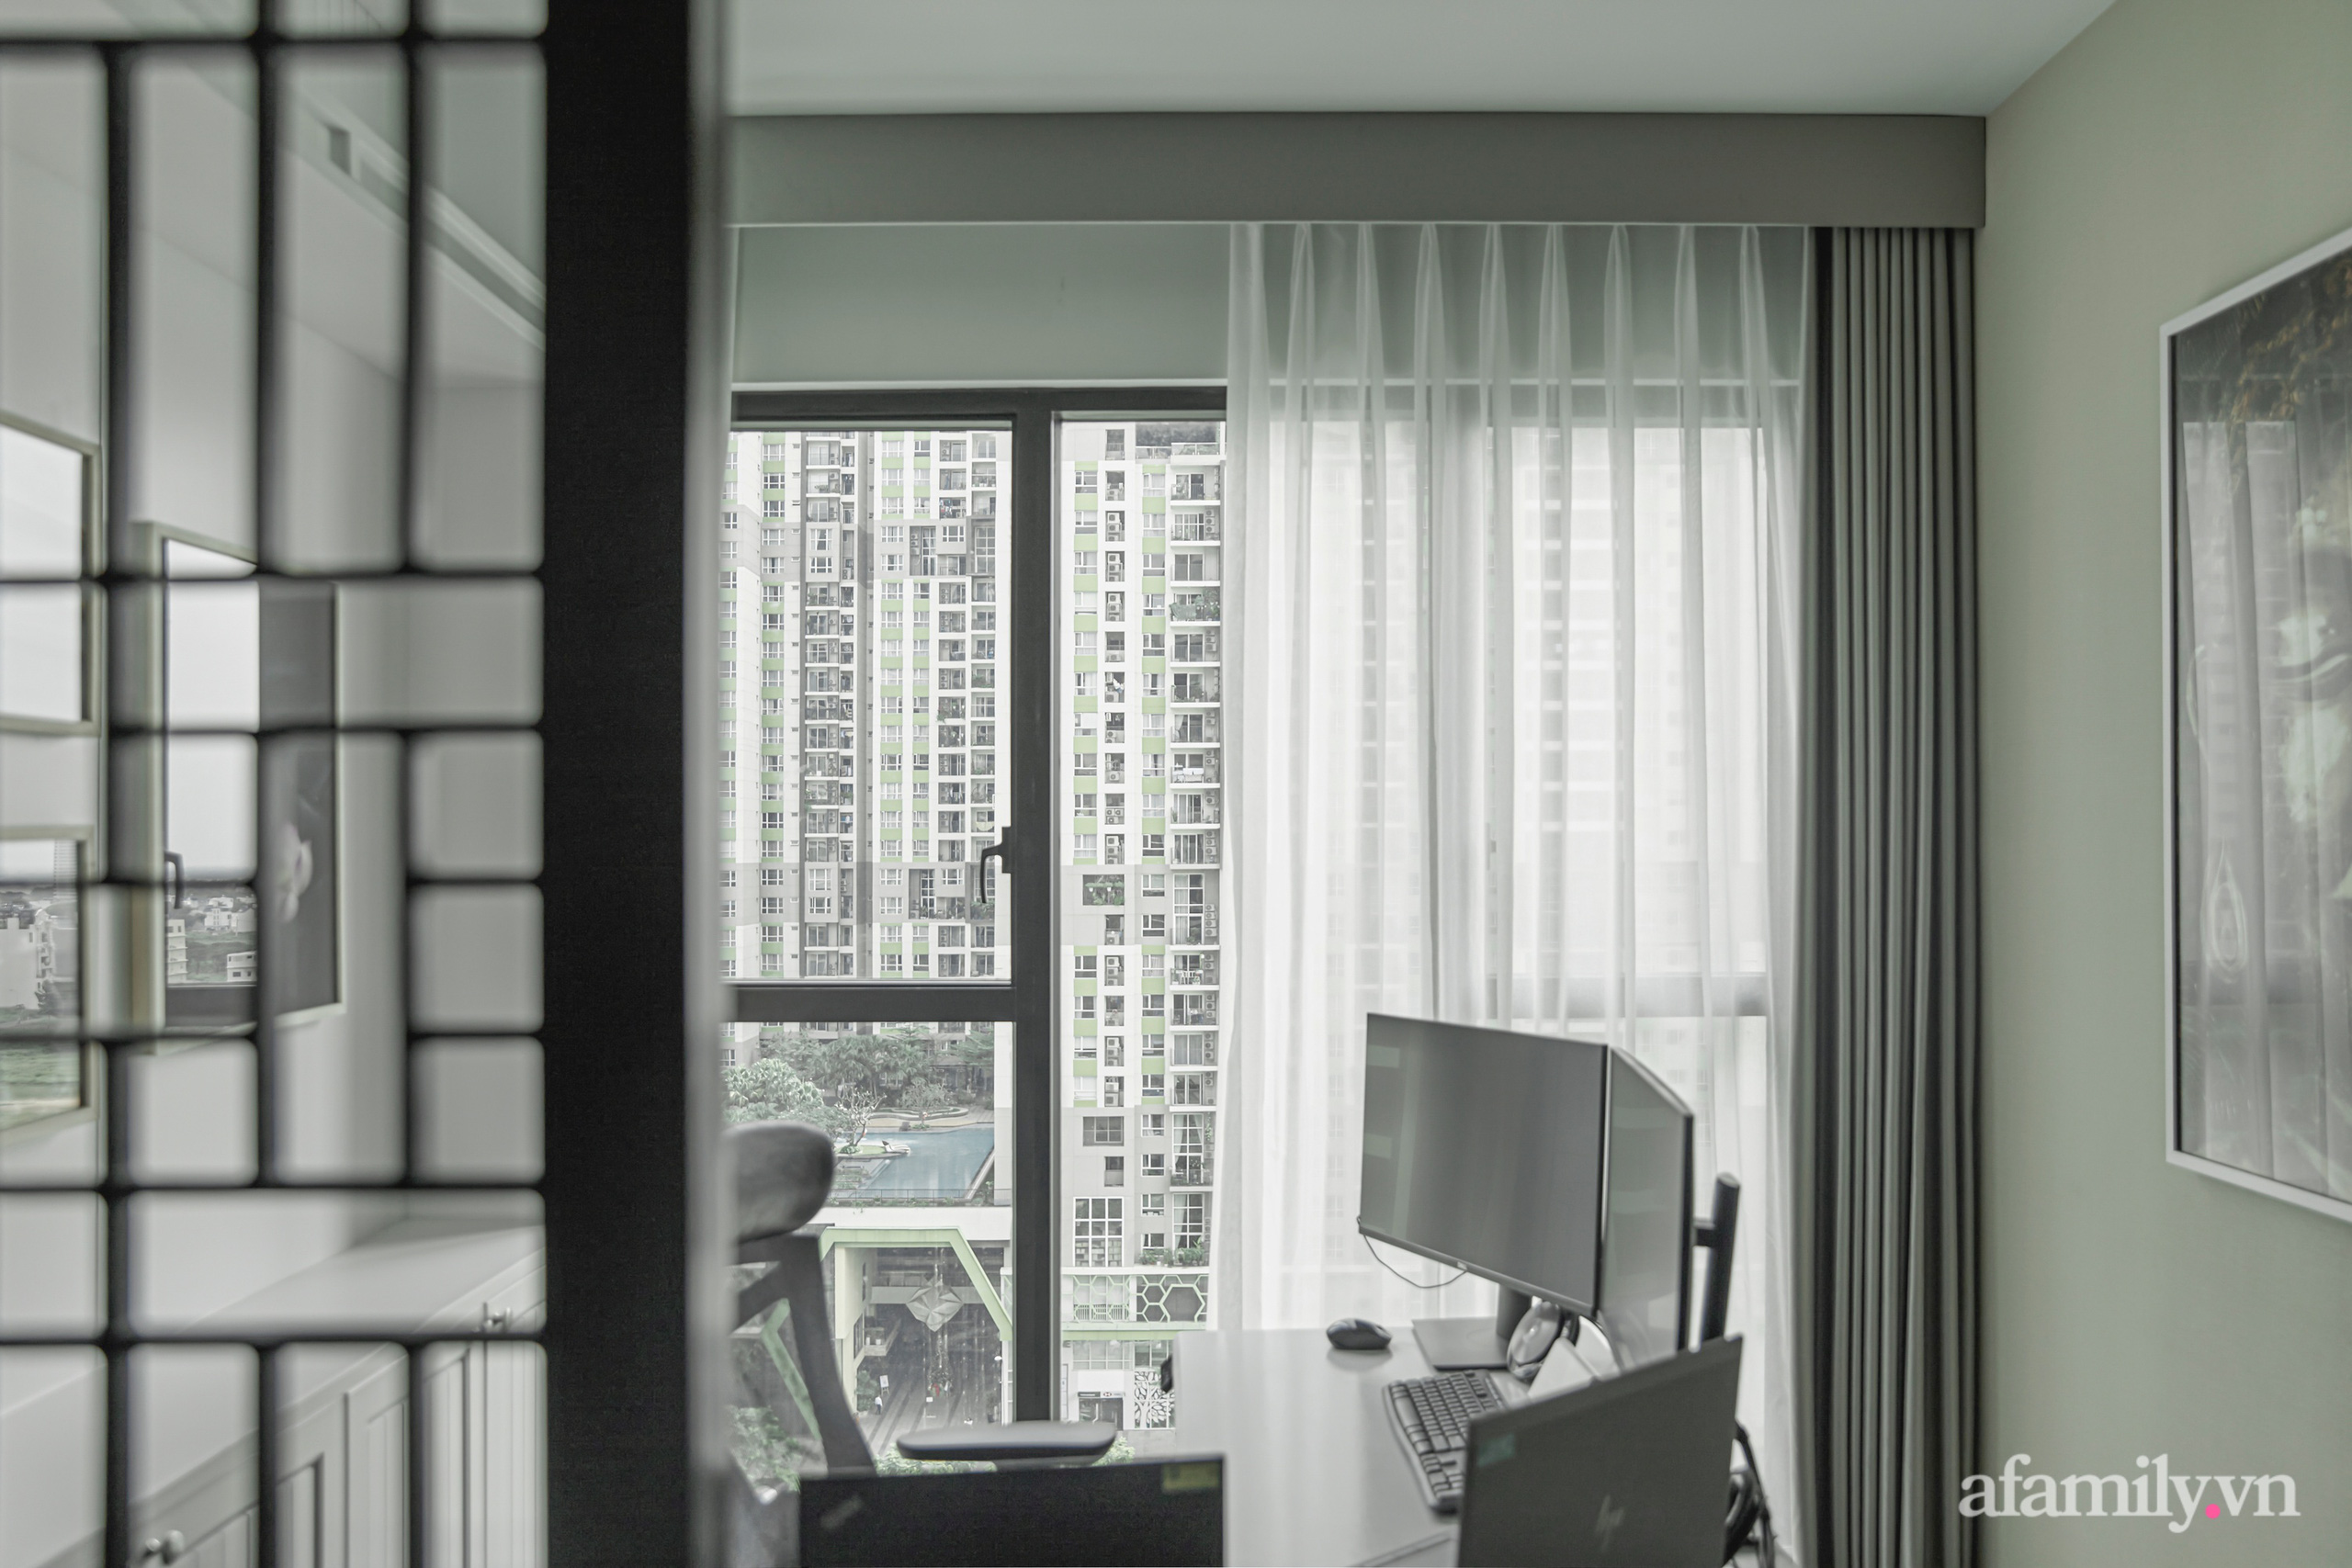 Căn hộ 170m² đẹp như bản tình ca lãng mạn nhờ sử dụng những gam màu nhẹ nhàng, nội thất cao cấp ở Sài Gòn - Ảnh 16.